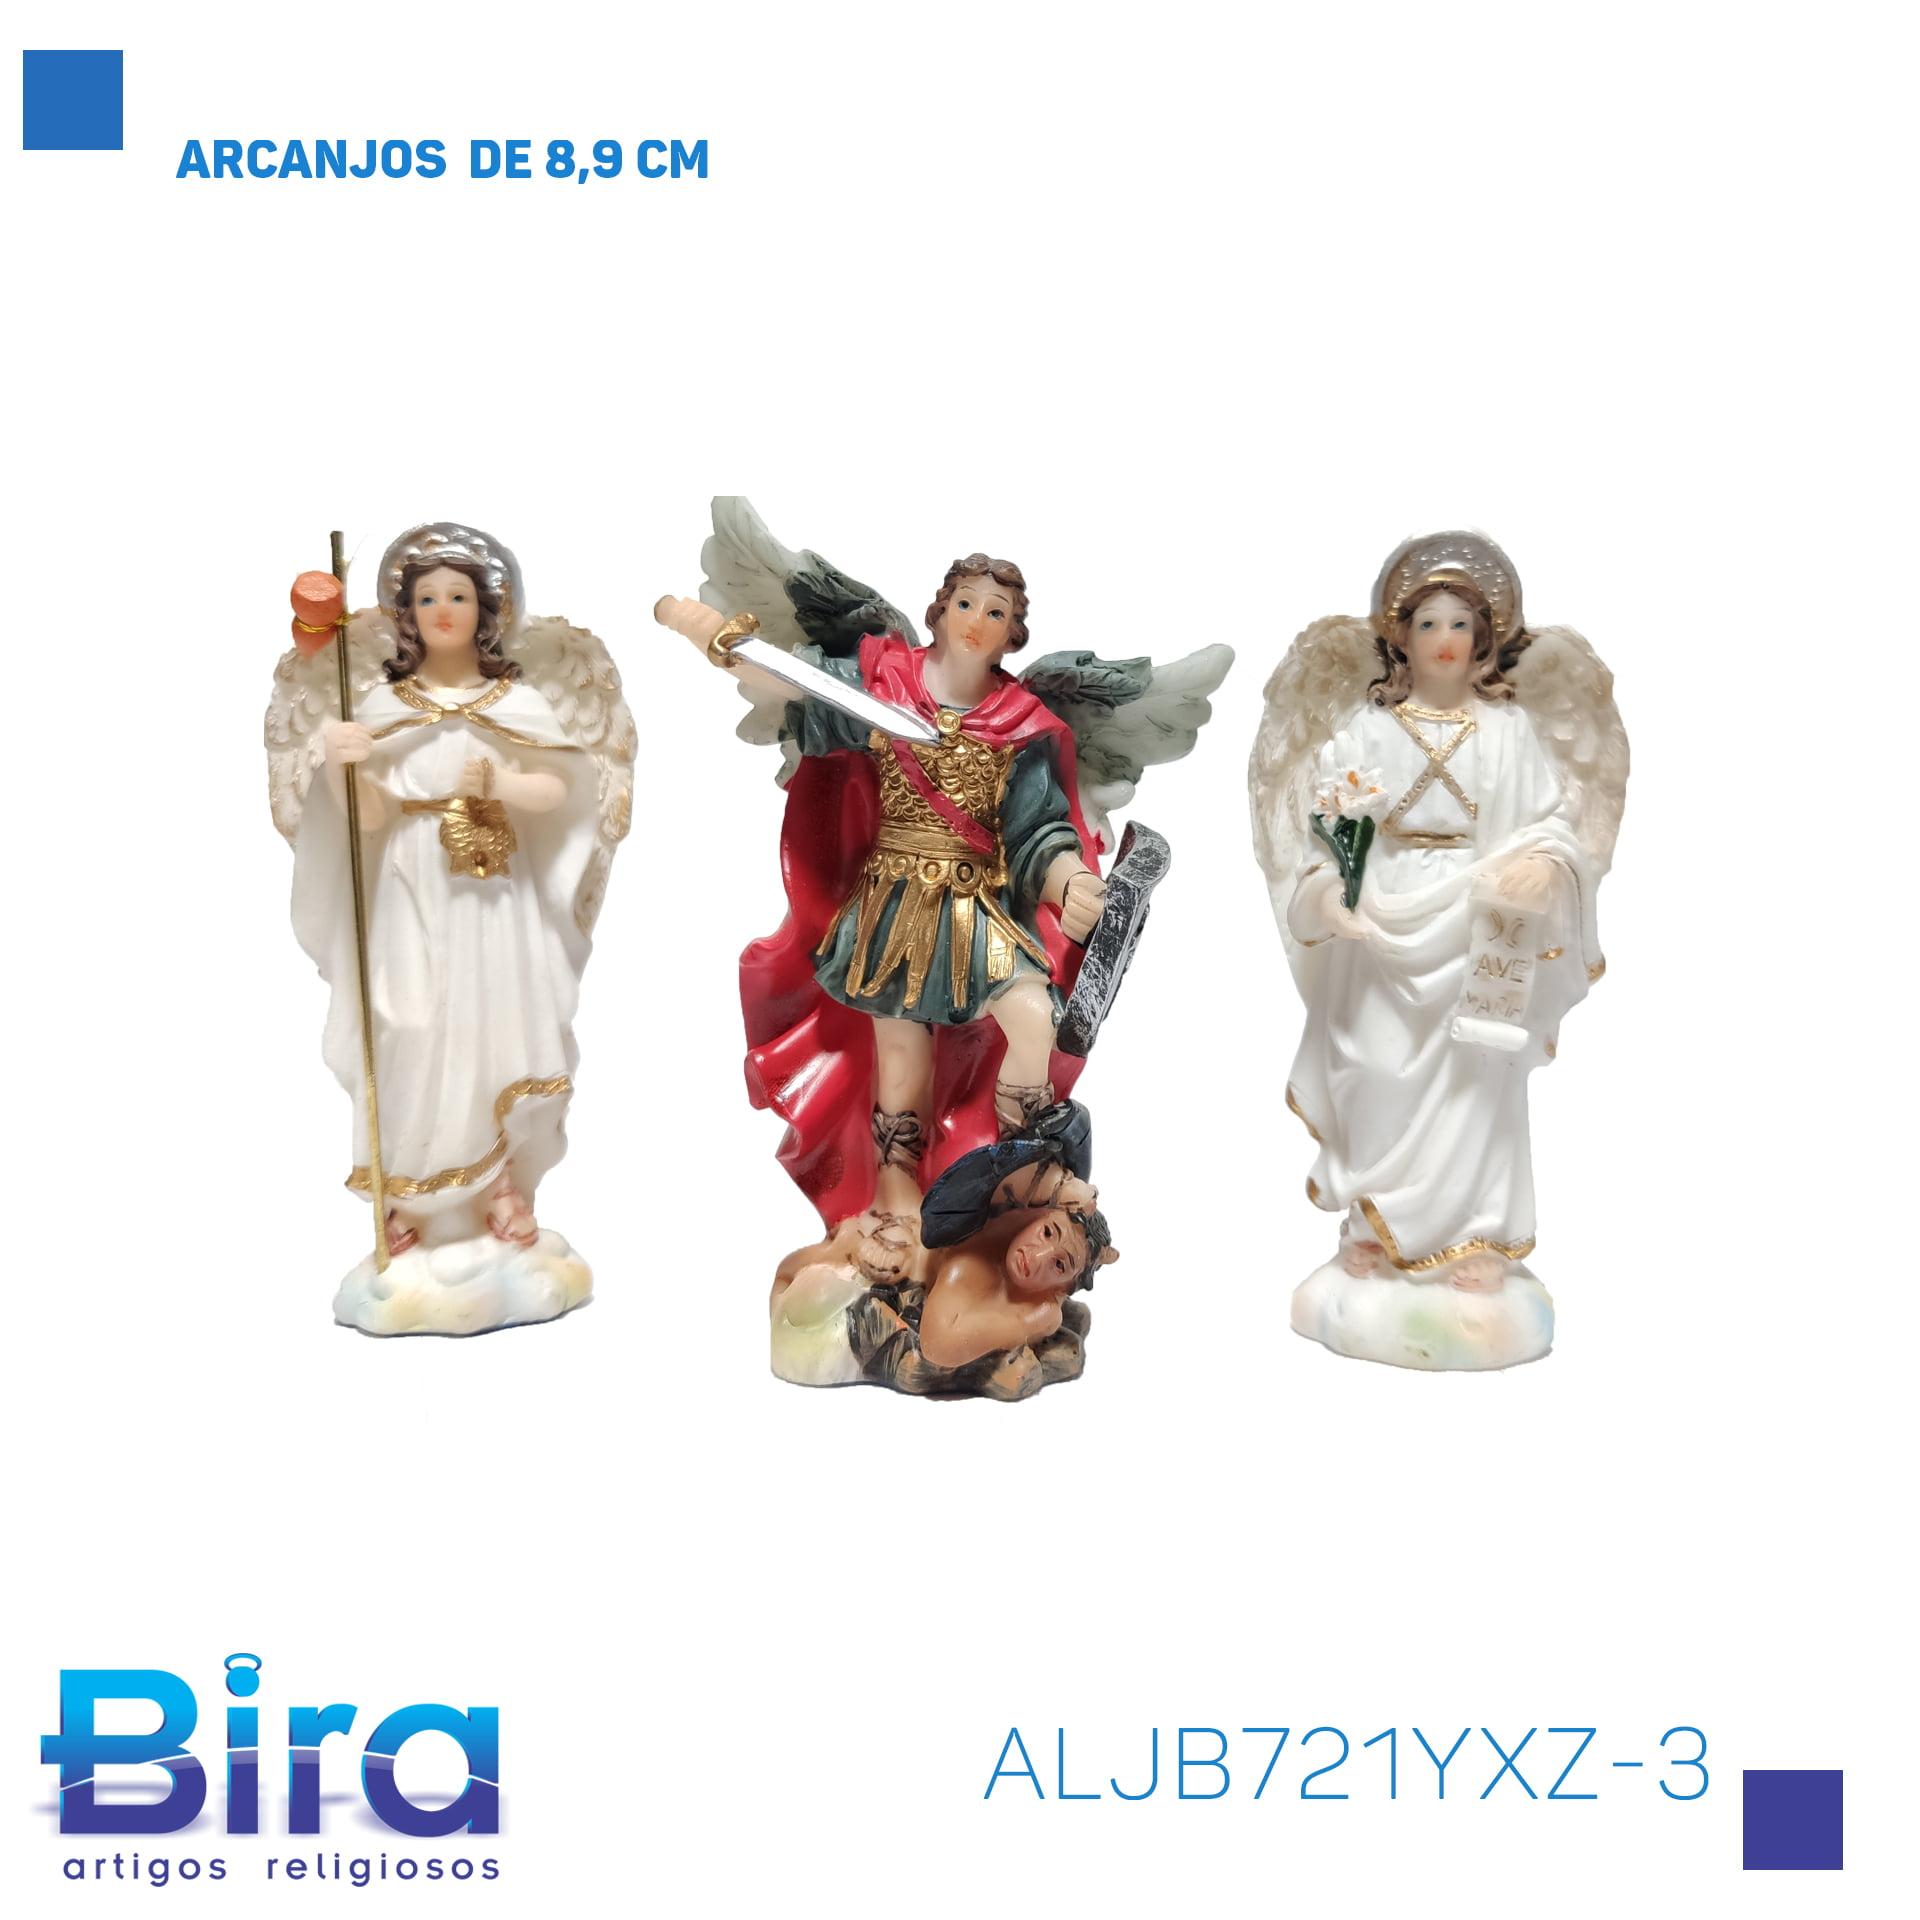 Bira Artigos Religiosos - ARCANJOS  DE 8,9 CM Cód. ALJB721YXZ-3